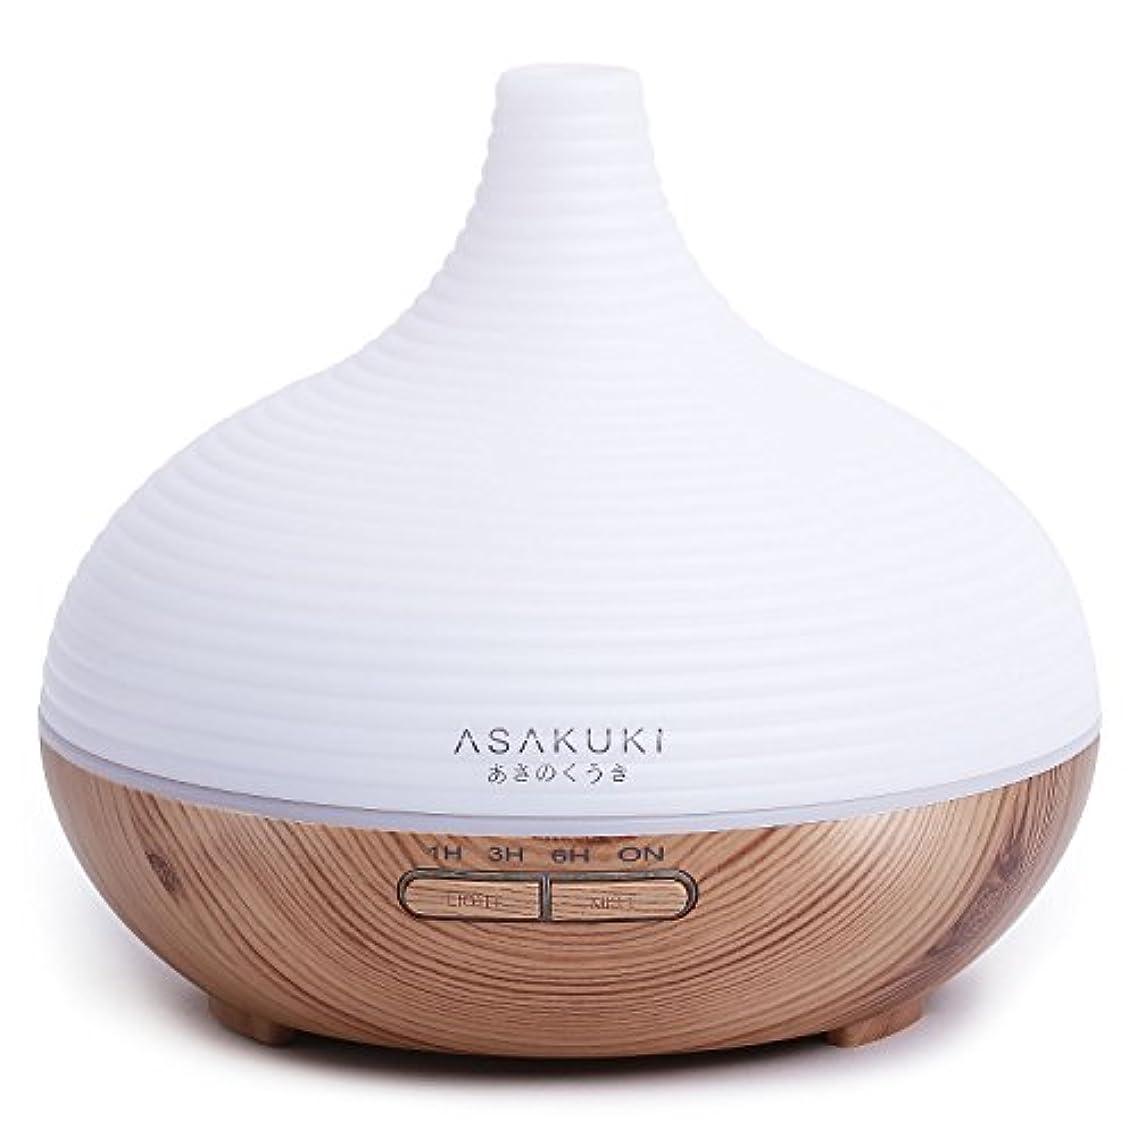 うん現代検査asakuki 300 mlプレミアム、Essential Oil Diffuser、静かな5 - in - 1加湿器、自然Home Fragrance Diffuser with 7 LEDの色変更ライトと簡単にクリーン...